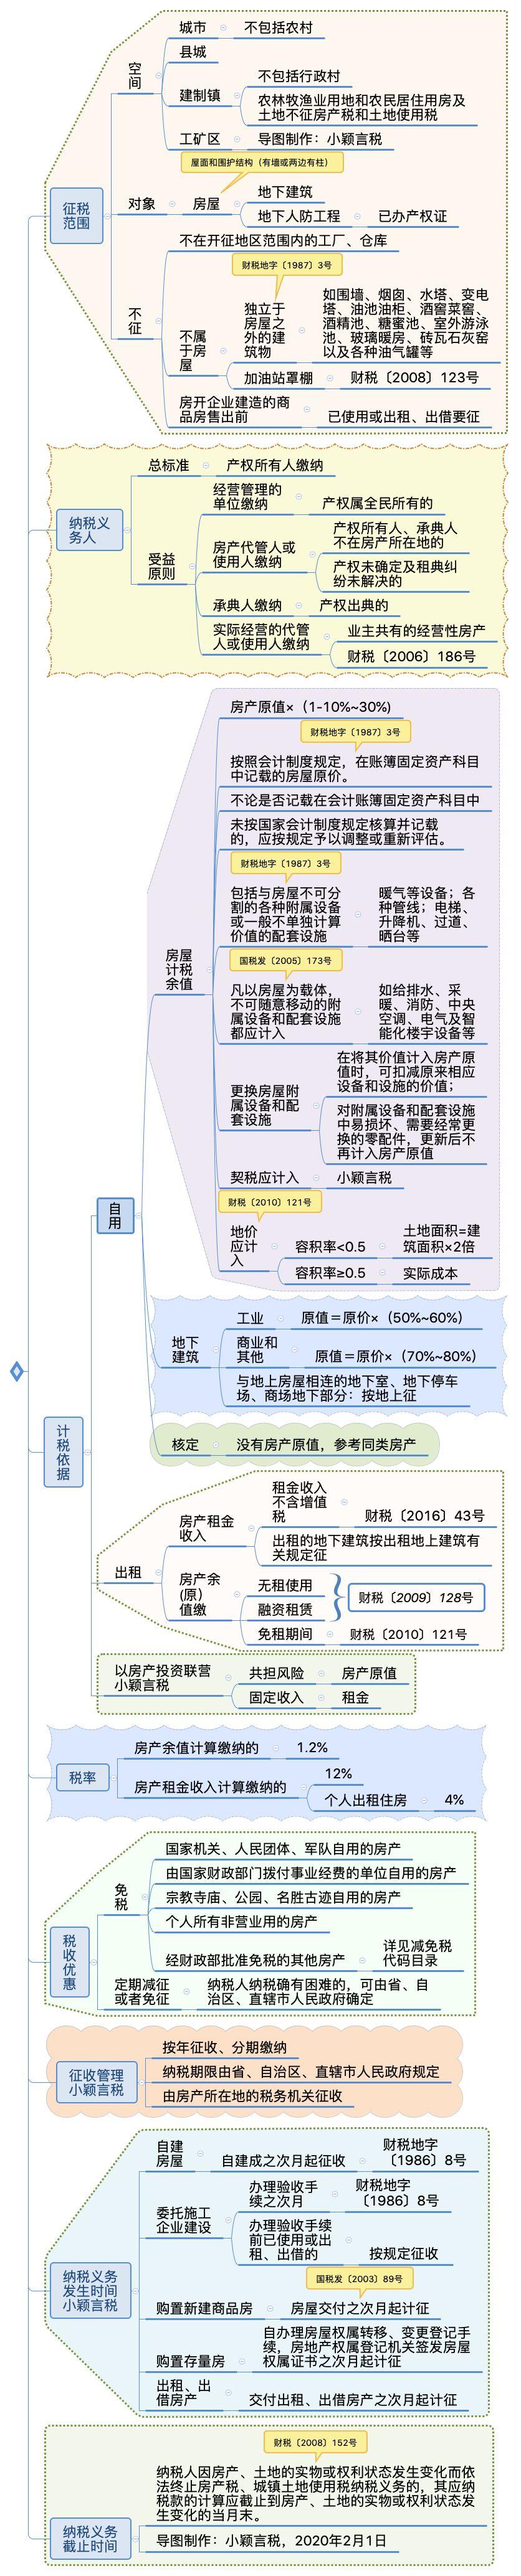 最新房产税学习手册(2020年2月版)